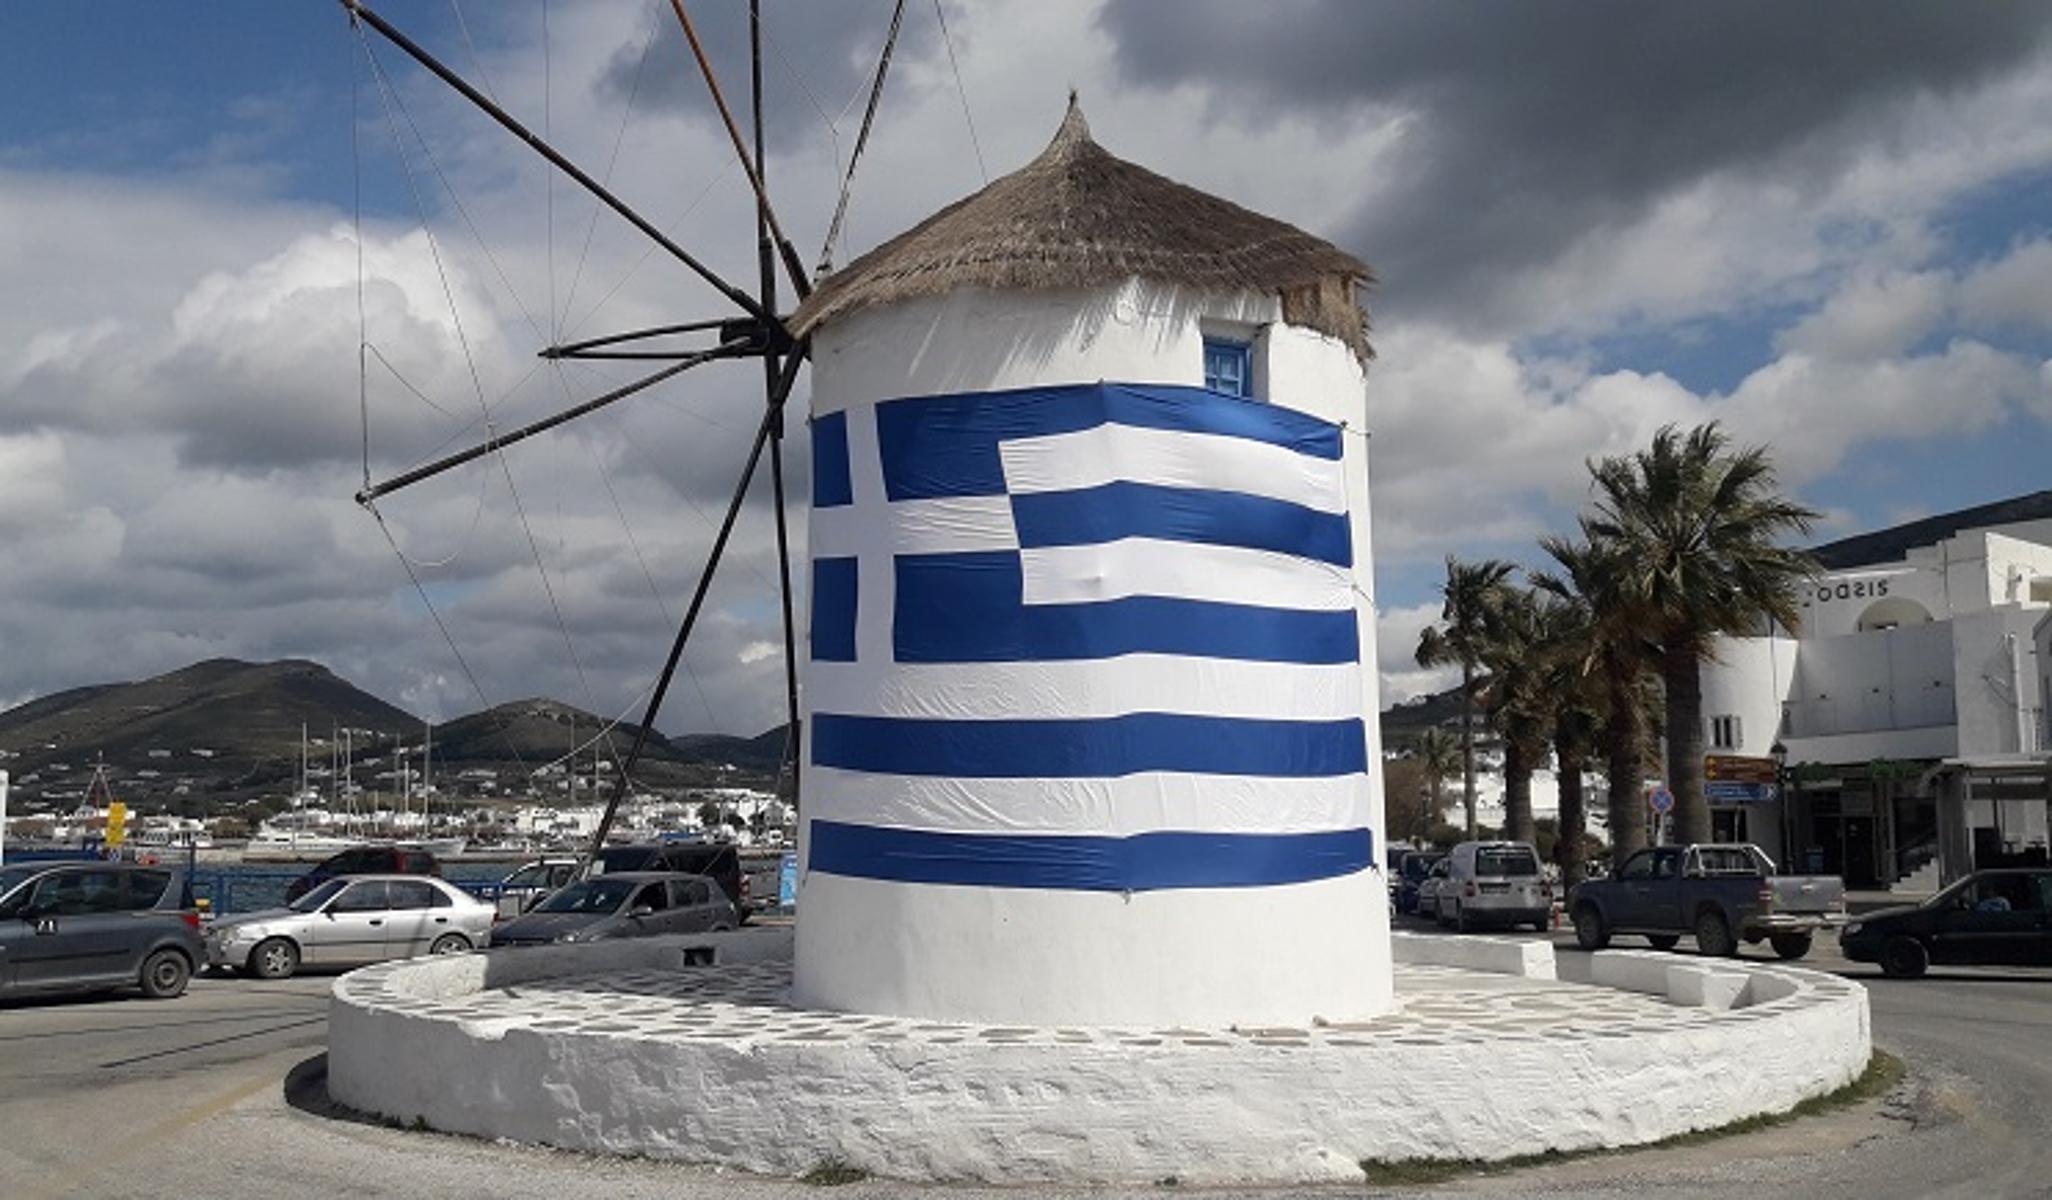 25η Μαρτίου: Η Πάρος τιμά την εθνική επέτειο – Στα γαλανόλευκα ο εμβληματικός ανεμόμυλος του νησιού